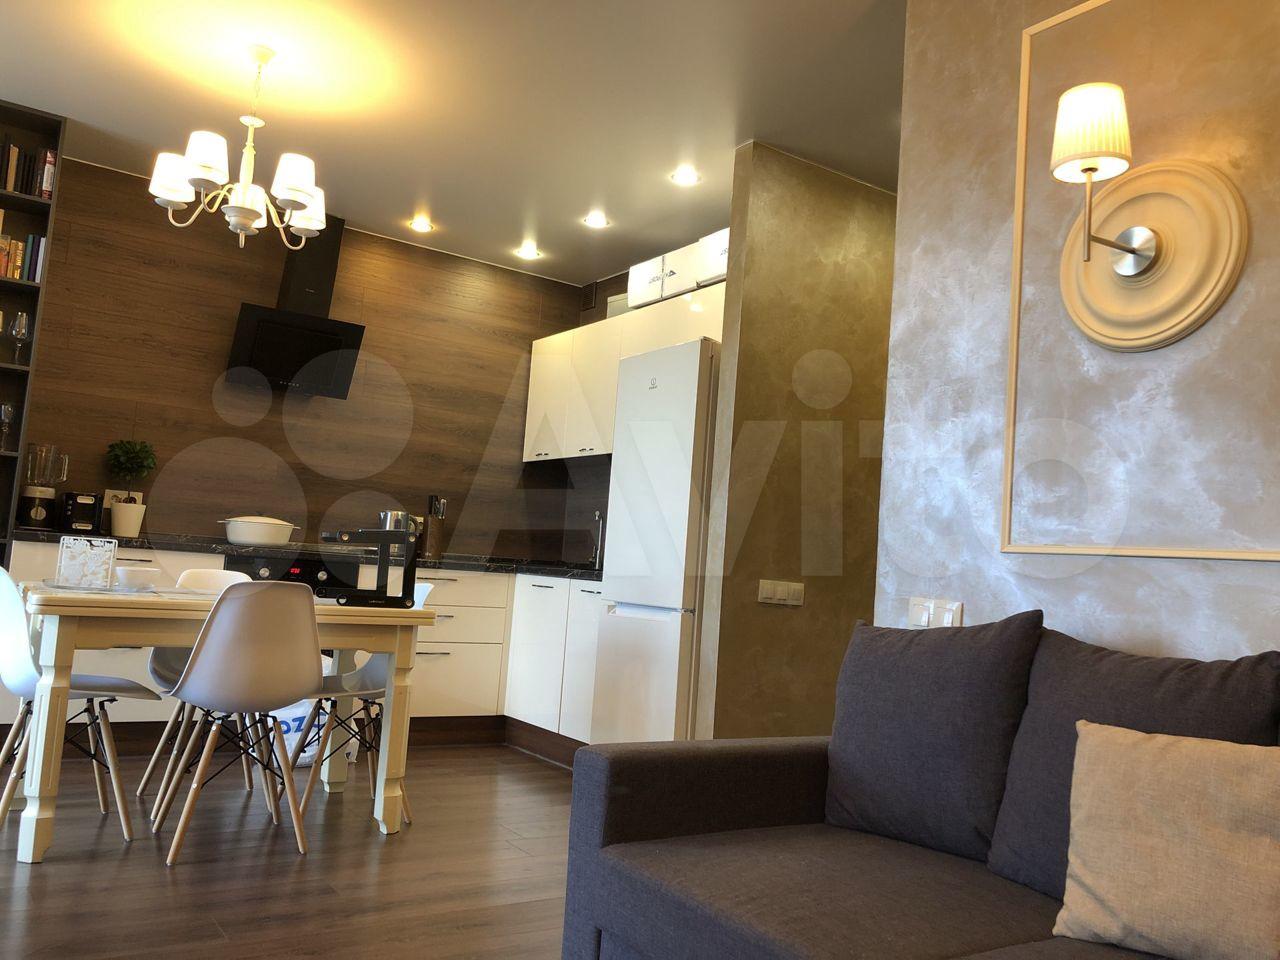 1-к квартира, 41 м², 13/18 эт.  89854991535 купить 7